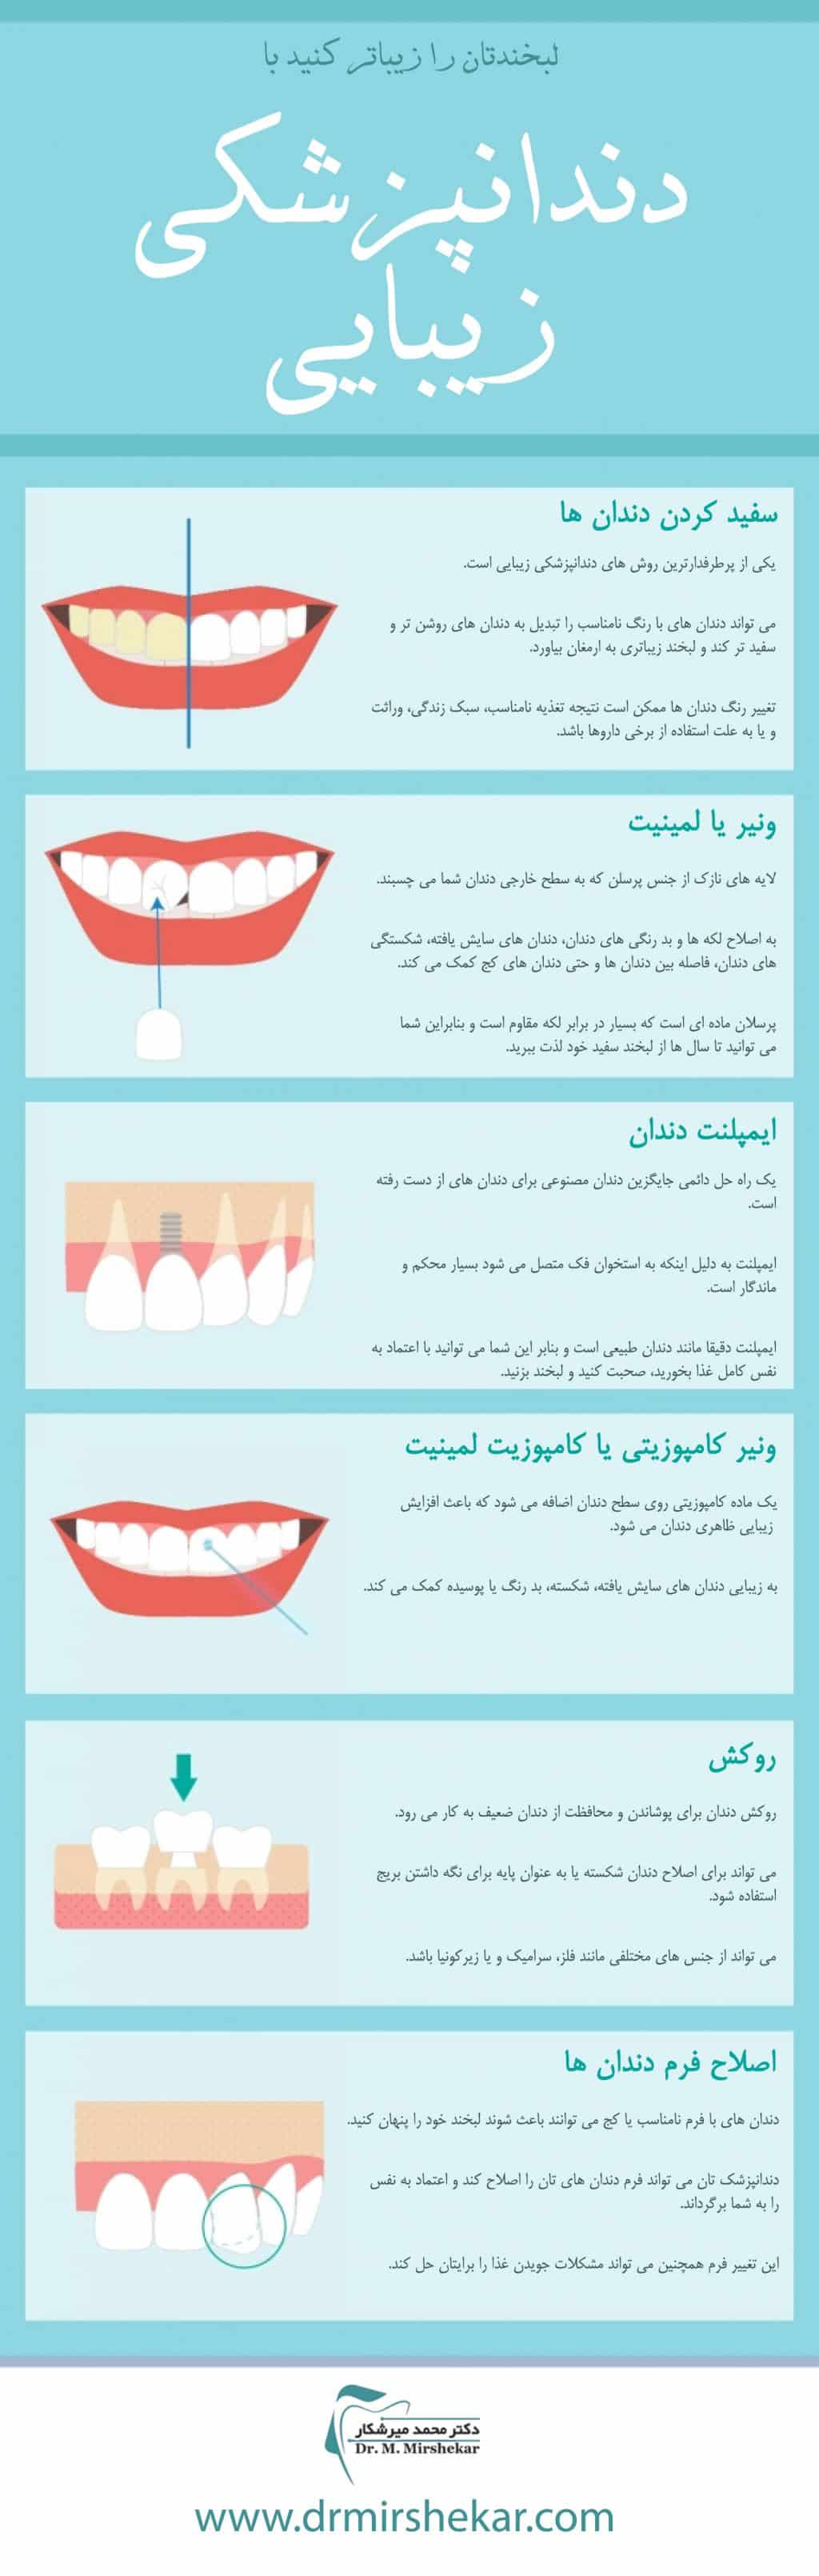 روش های درمانی اصلاح طرح لبخند دندان